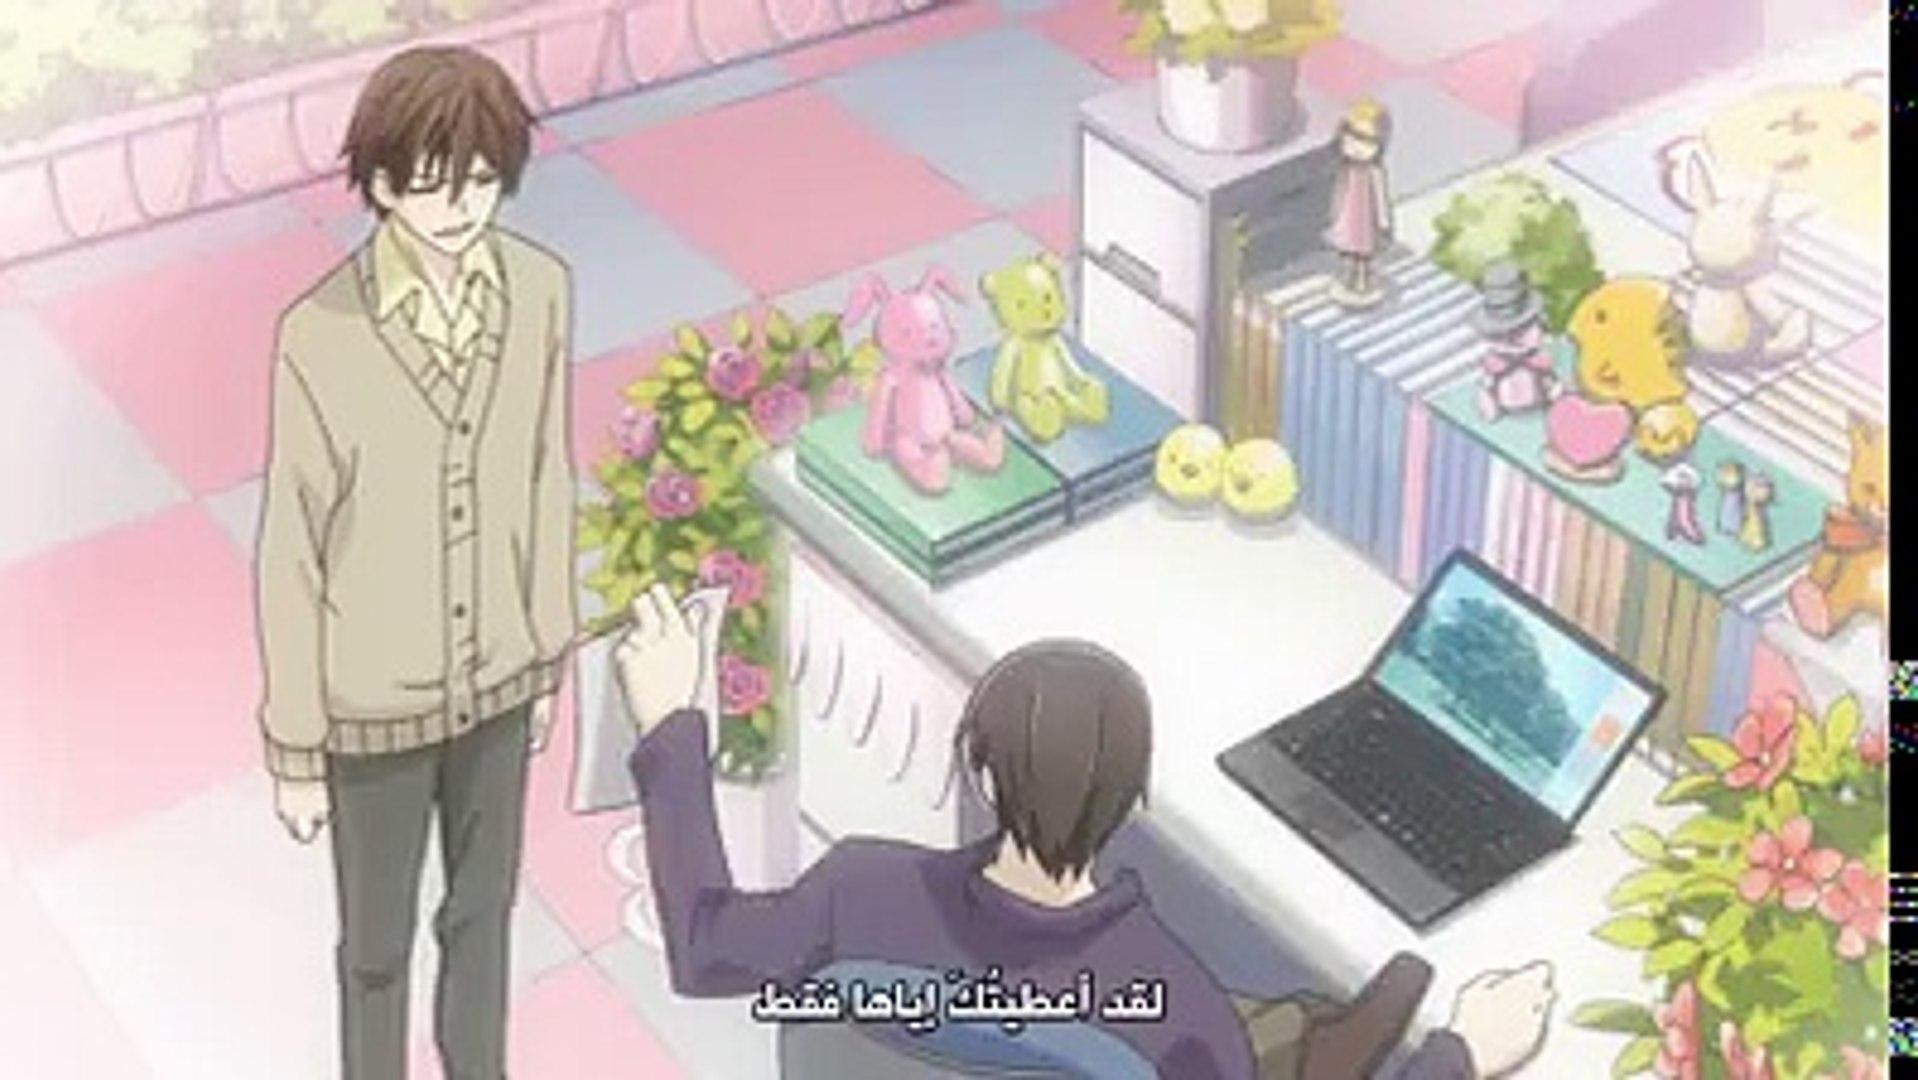 انمي سيكاي اتشي الجزء الاول الحلقة 7